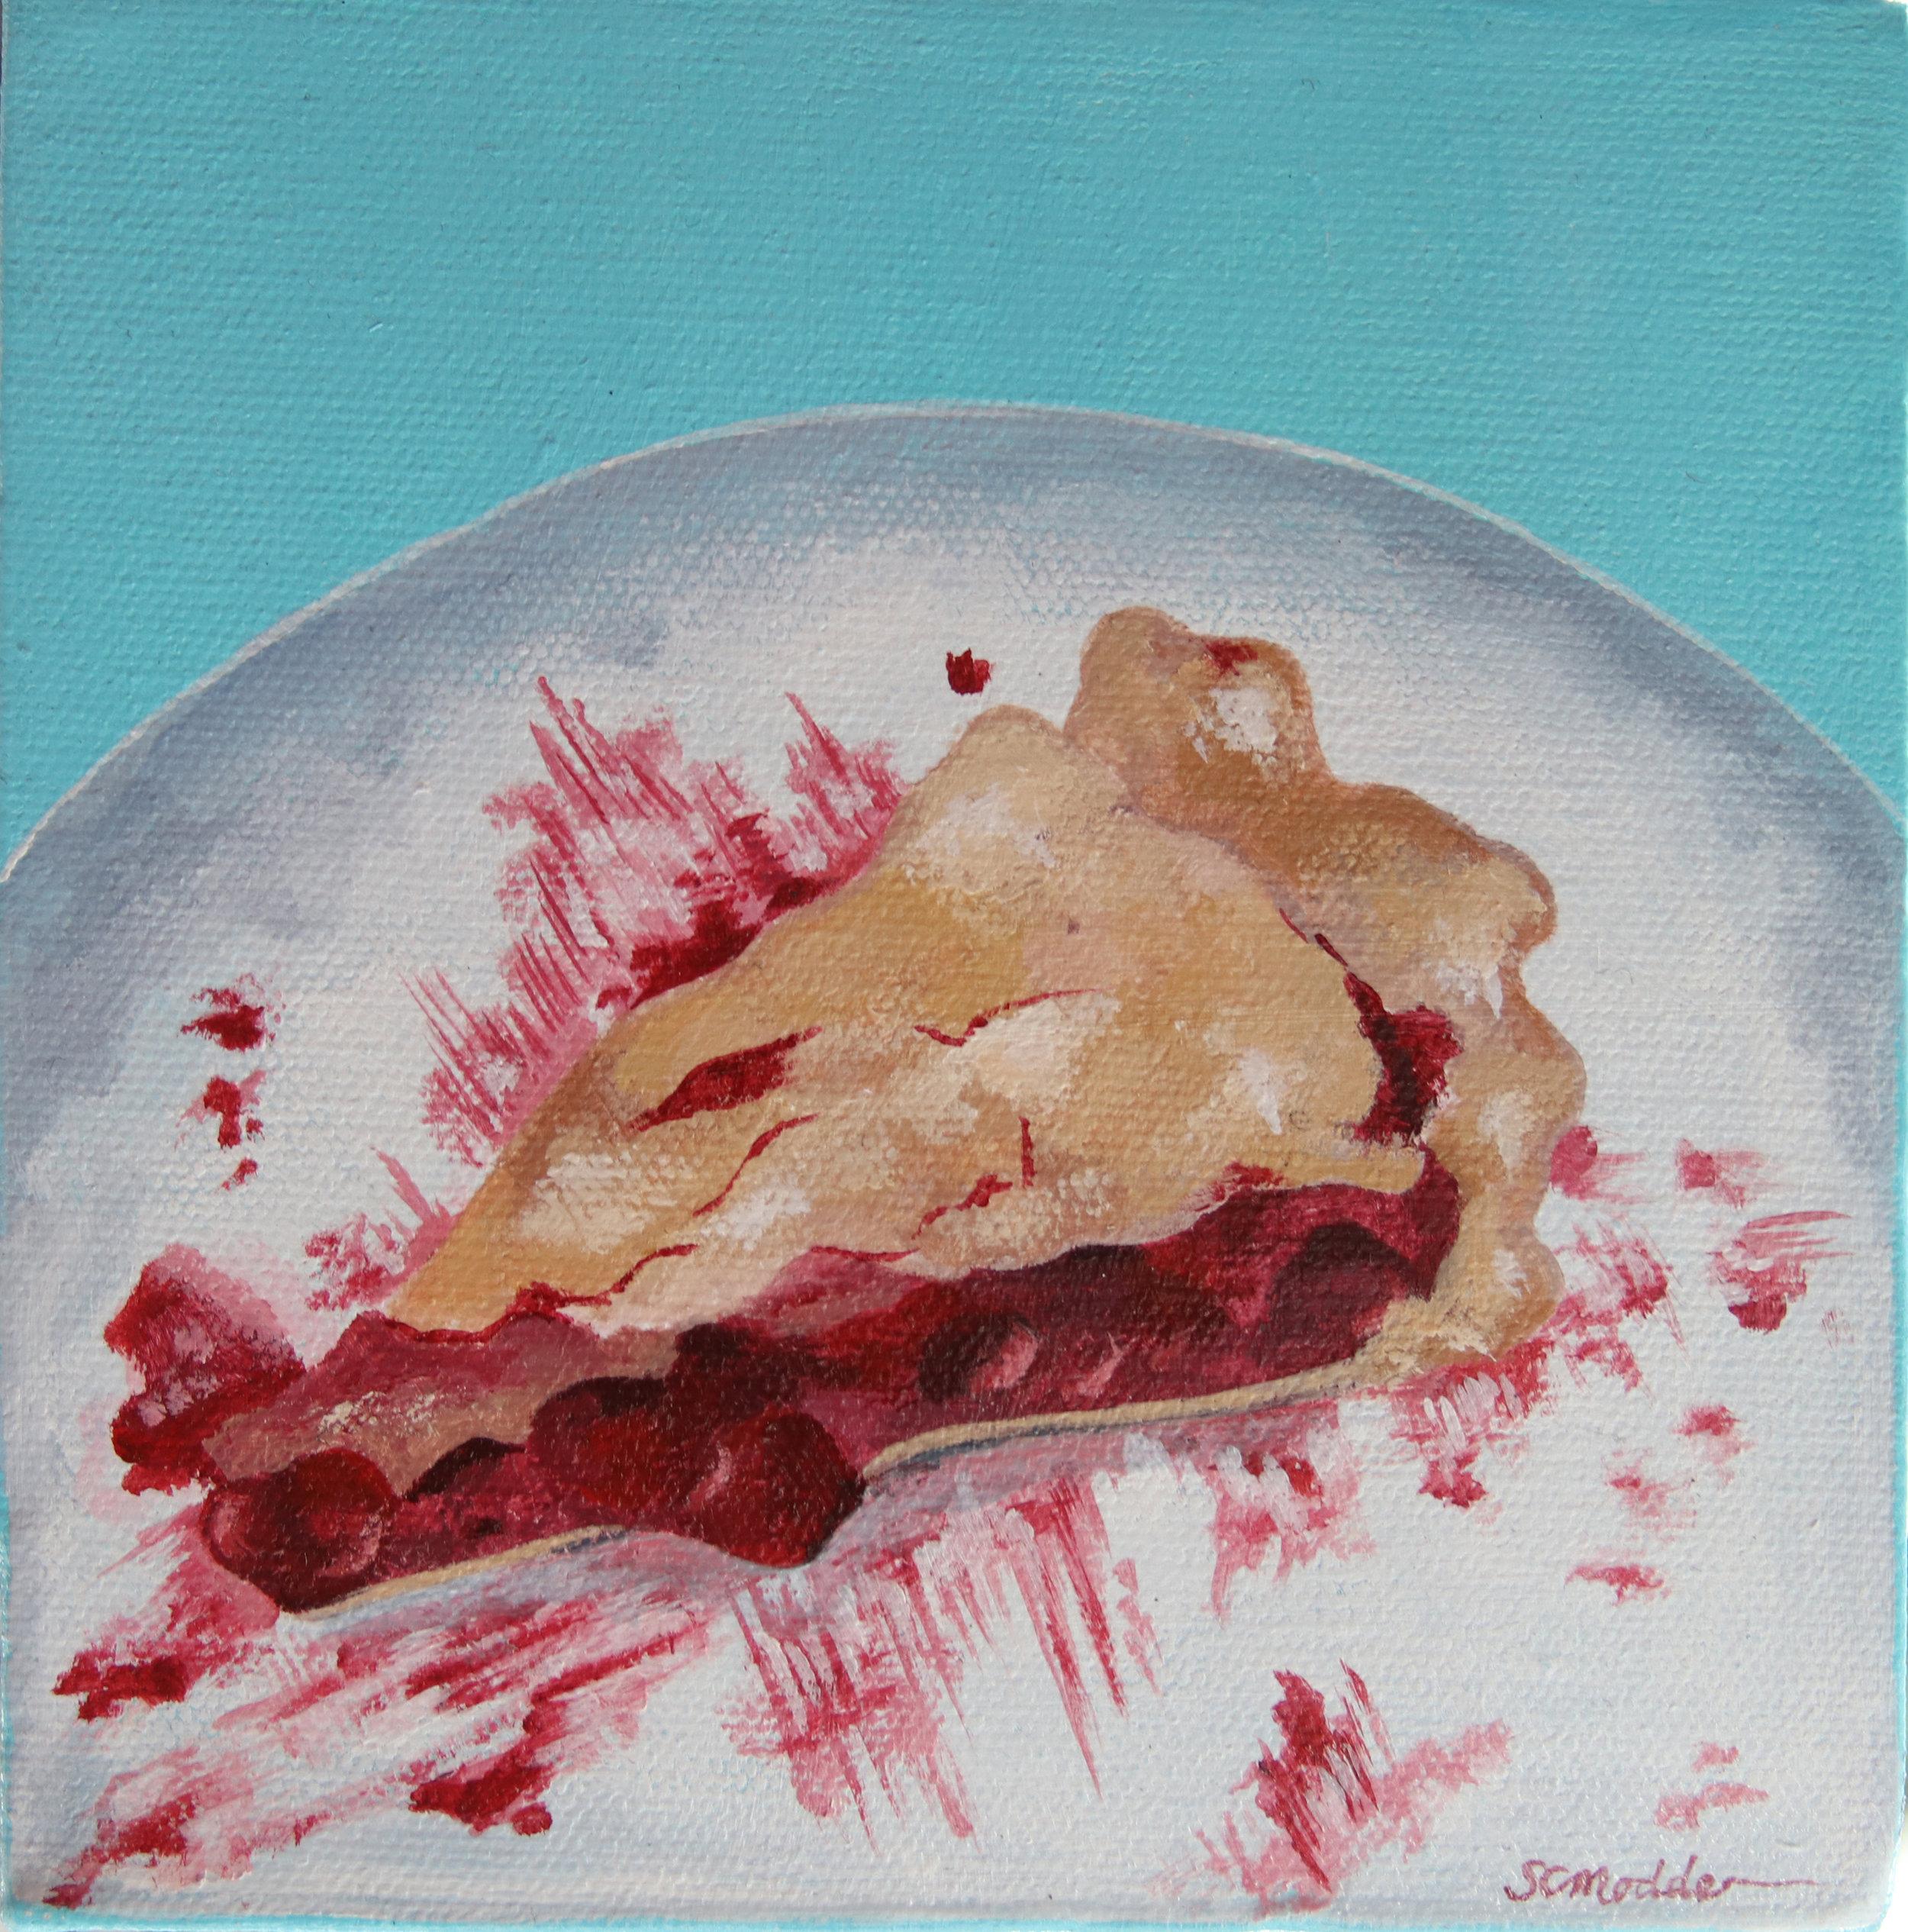 Life of Pie 4 (of 4)